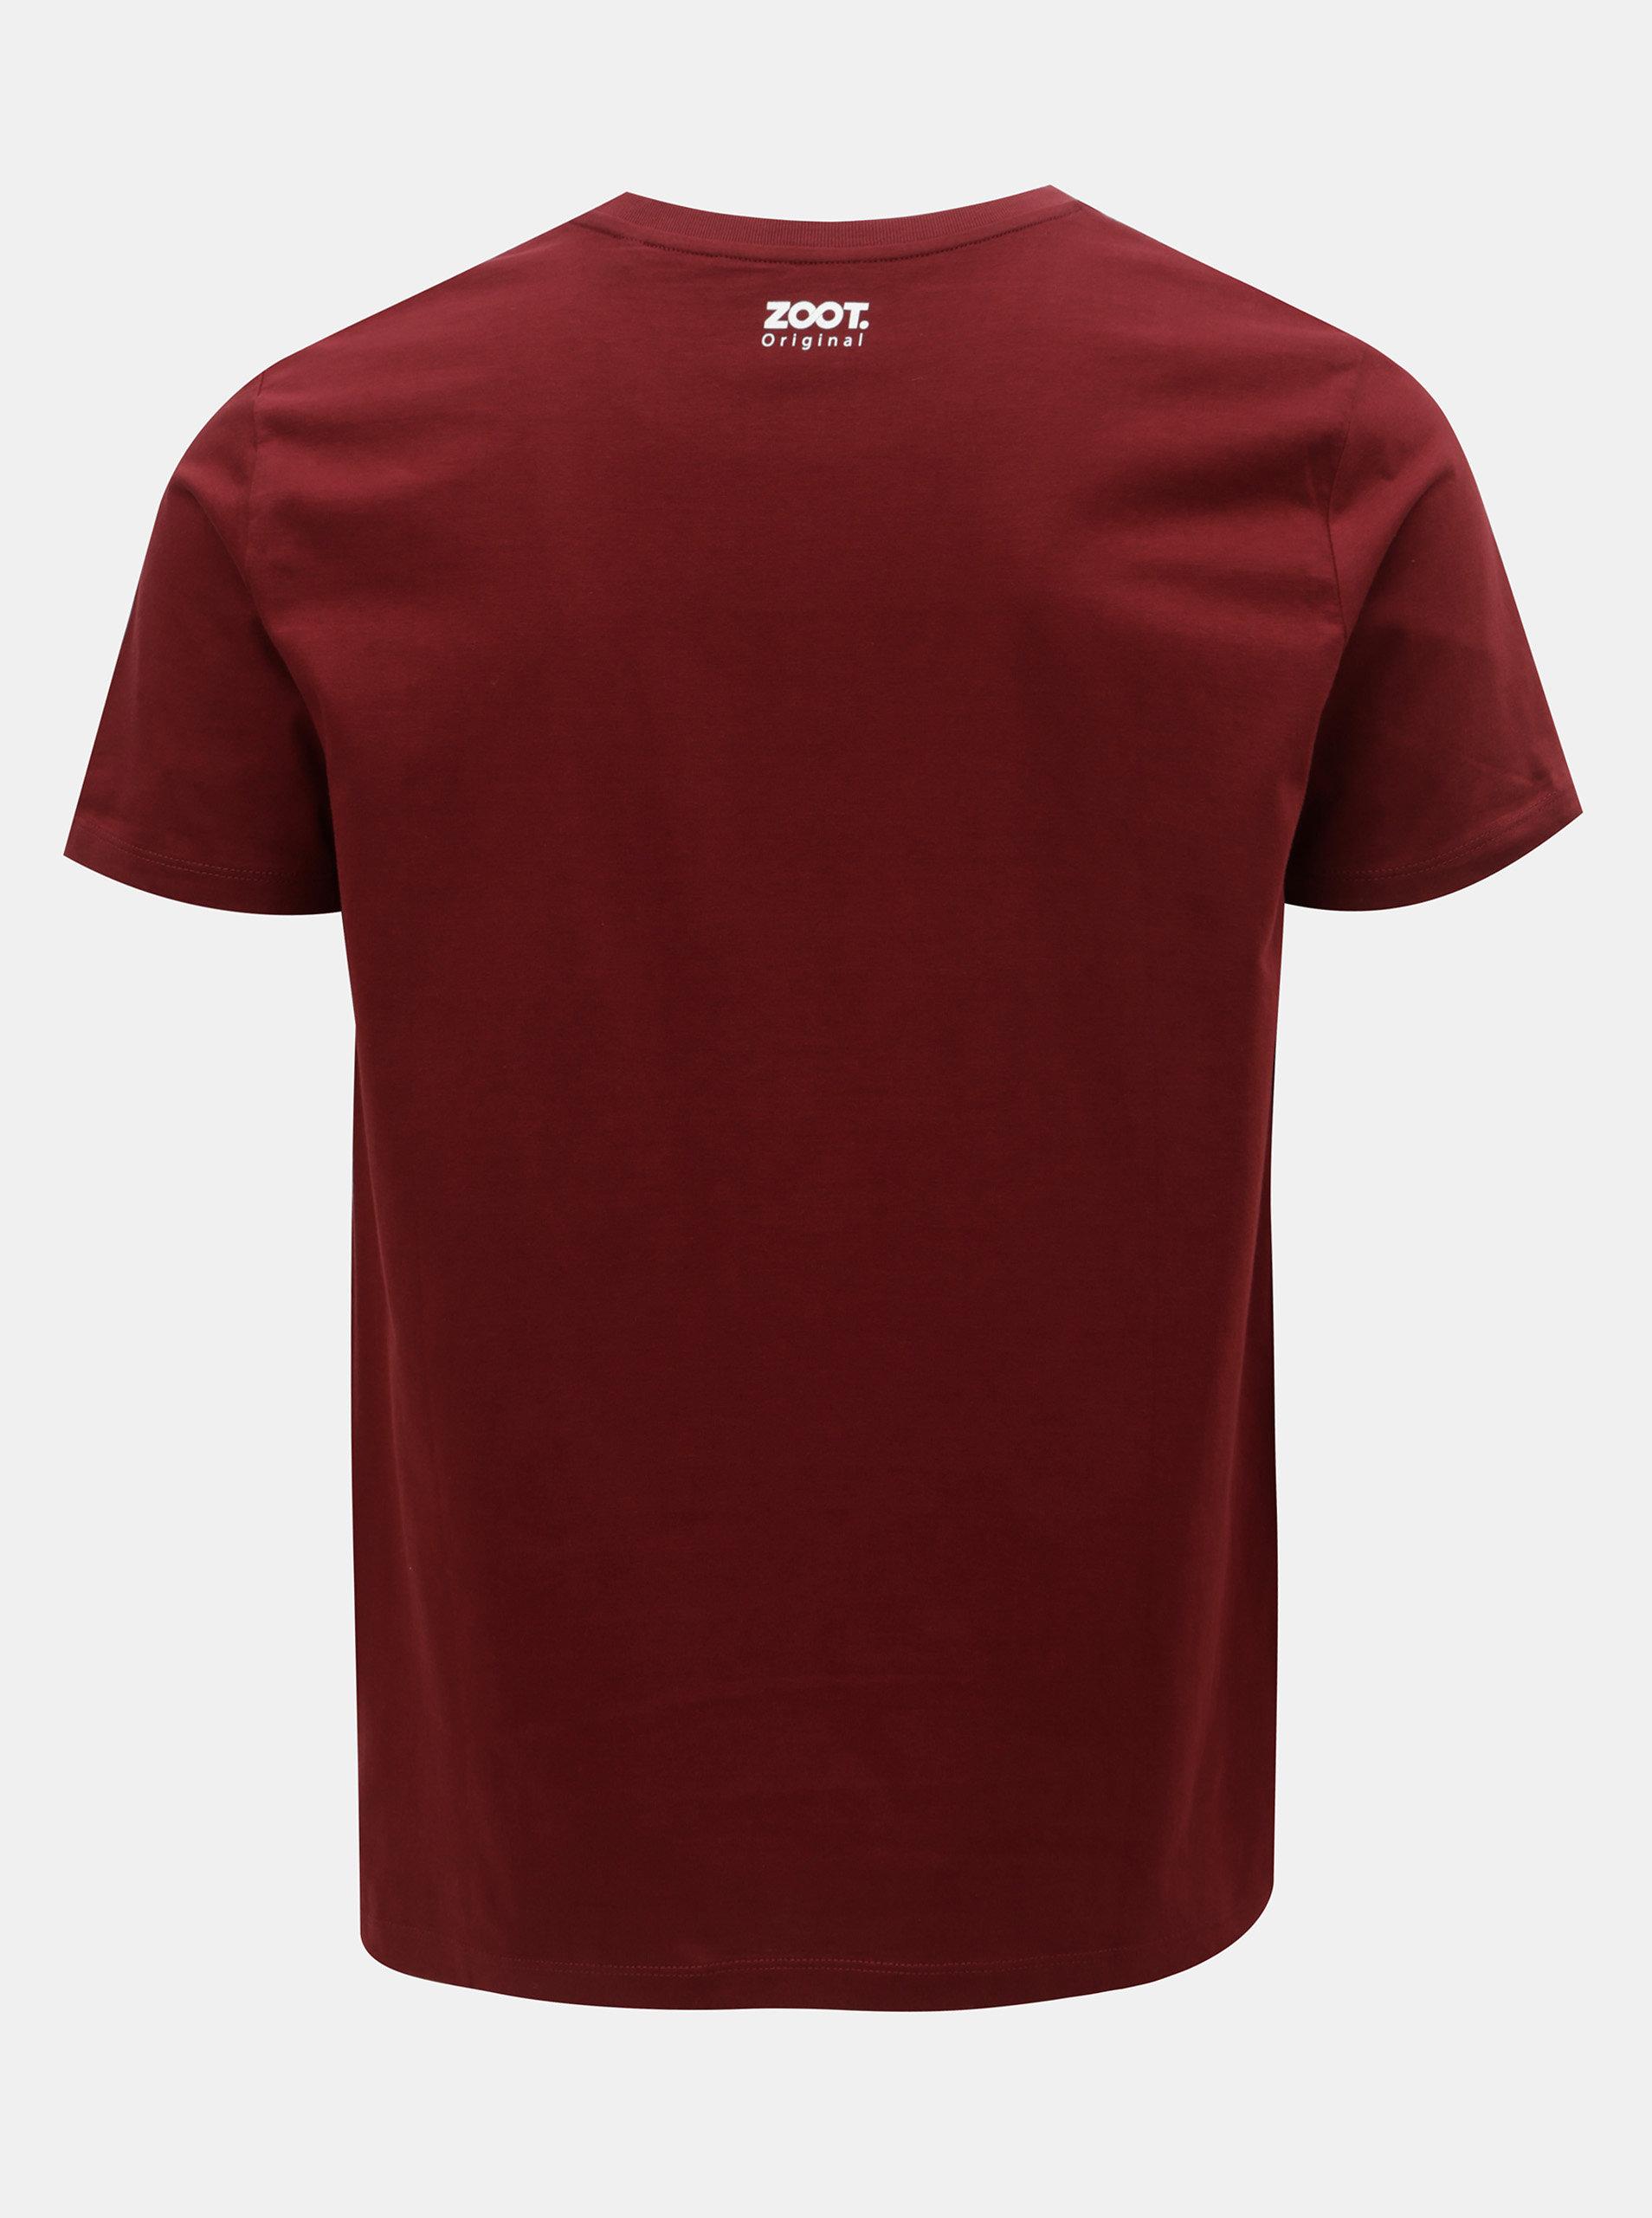 94fcee06515 Vínové pánské tričko ZOOT Originál Nejsu pražák ...